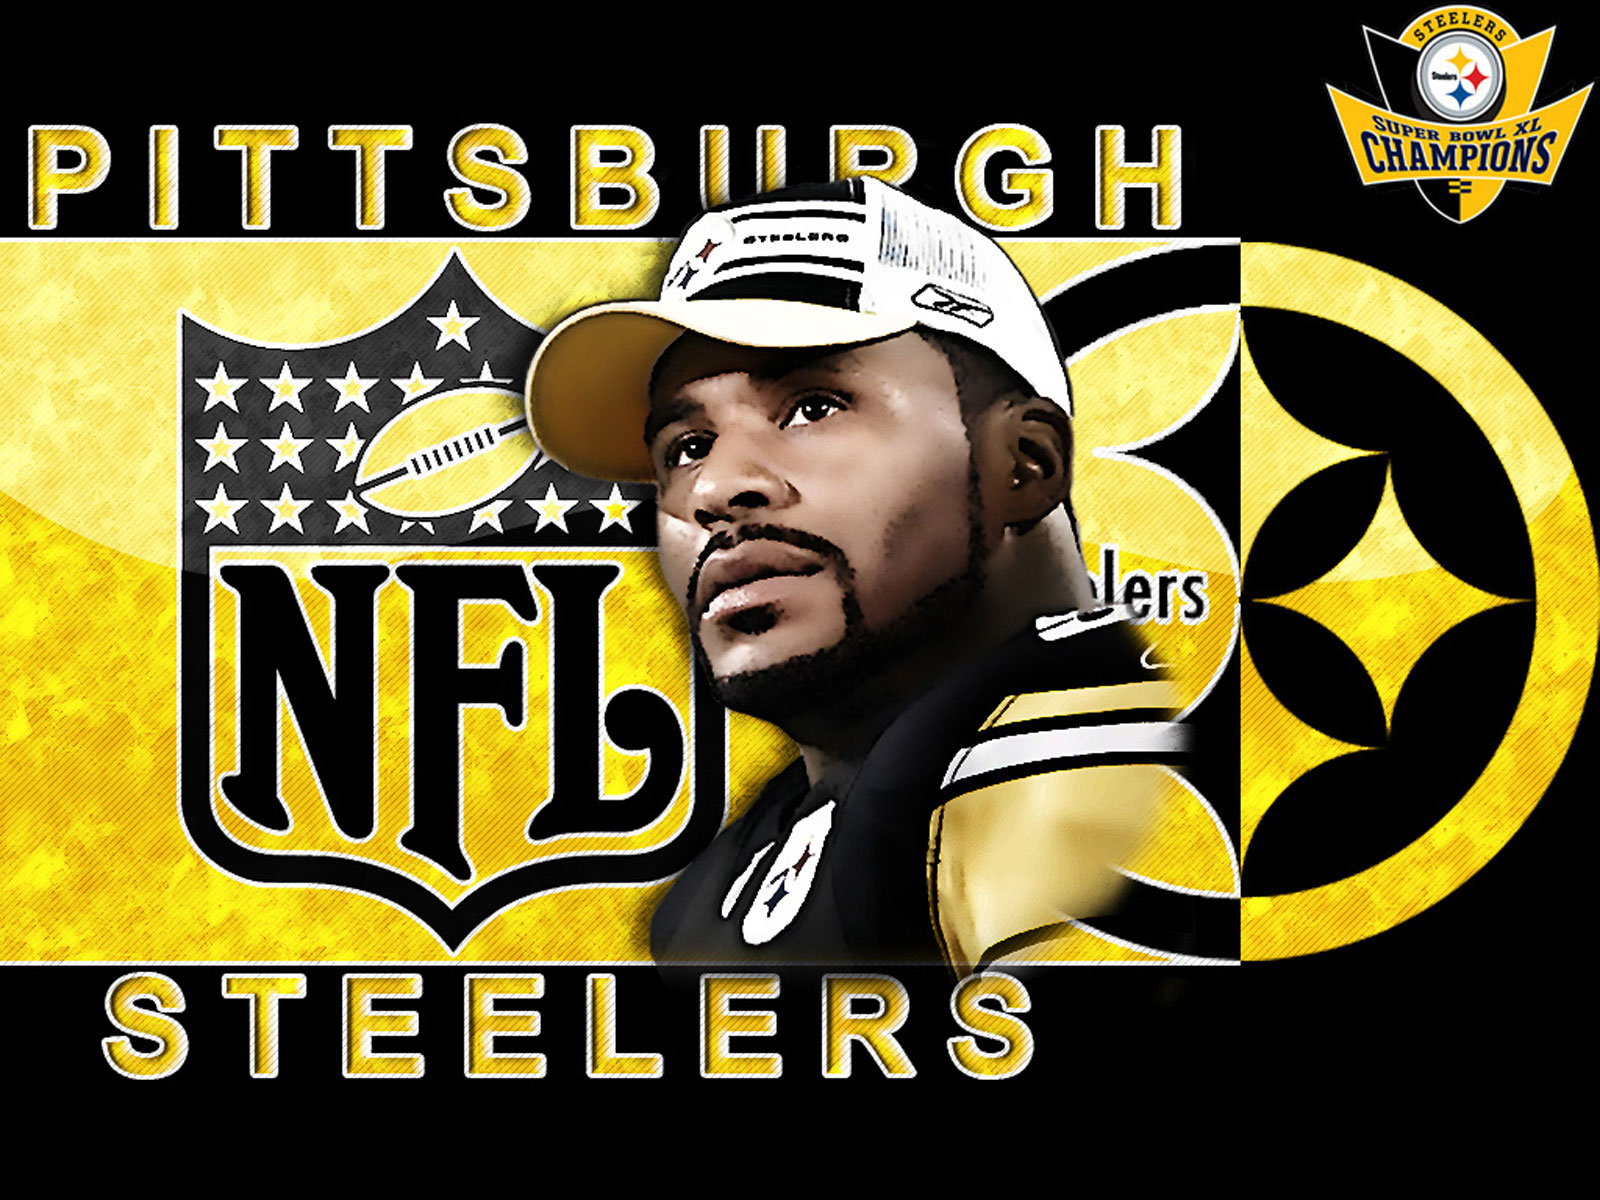 Pittsburgh Steelers wallpaper desktop image Pittsburgh Steelers 1600x1200